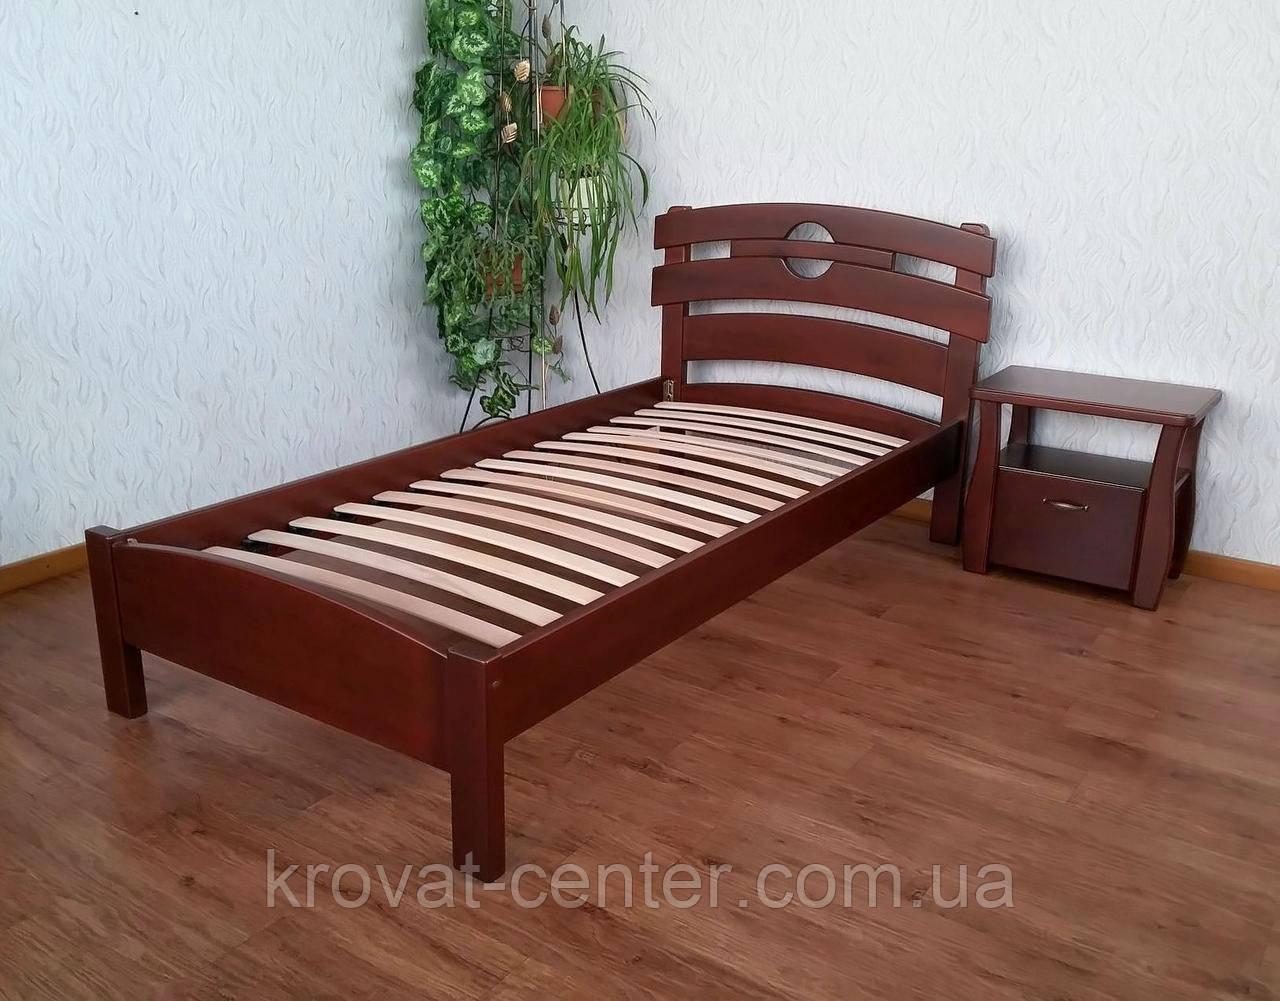 """Детская кровать из массива натурального дерева """"Токио"""" от производителя"""